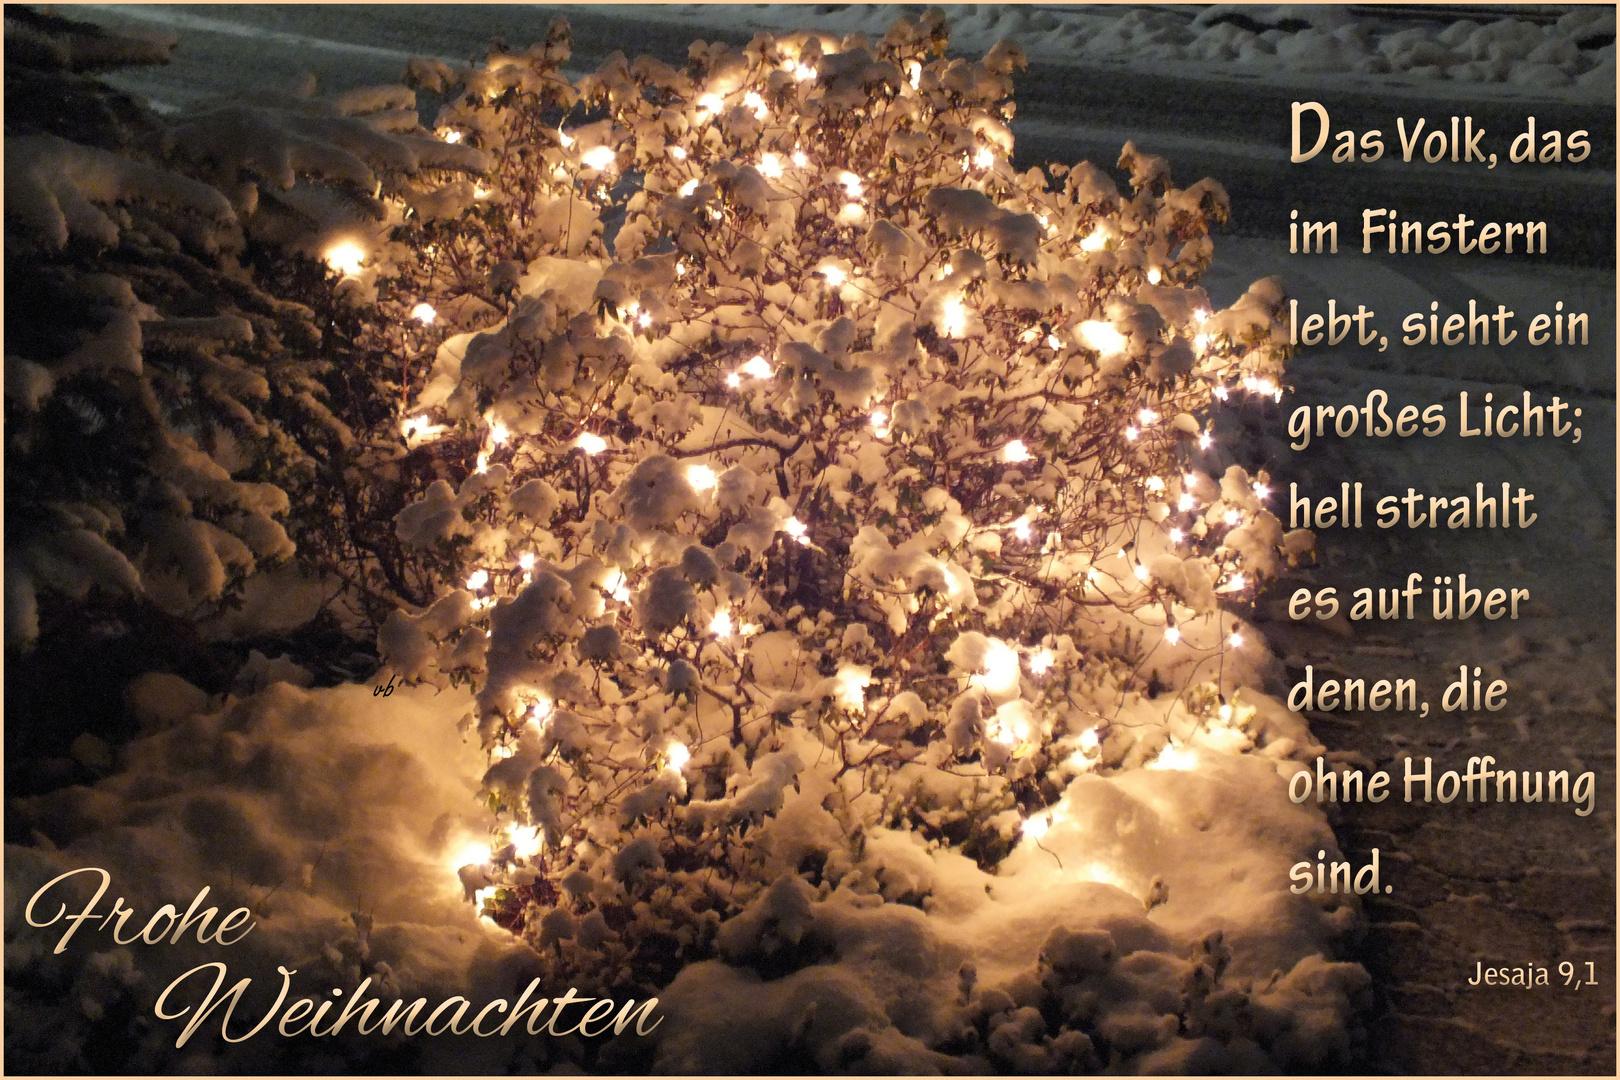 Frohe Weihnachten In Bildern.Frohe Weihnachten Foto Bild Gratulation Und Feiertage